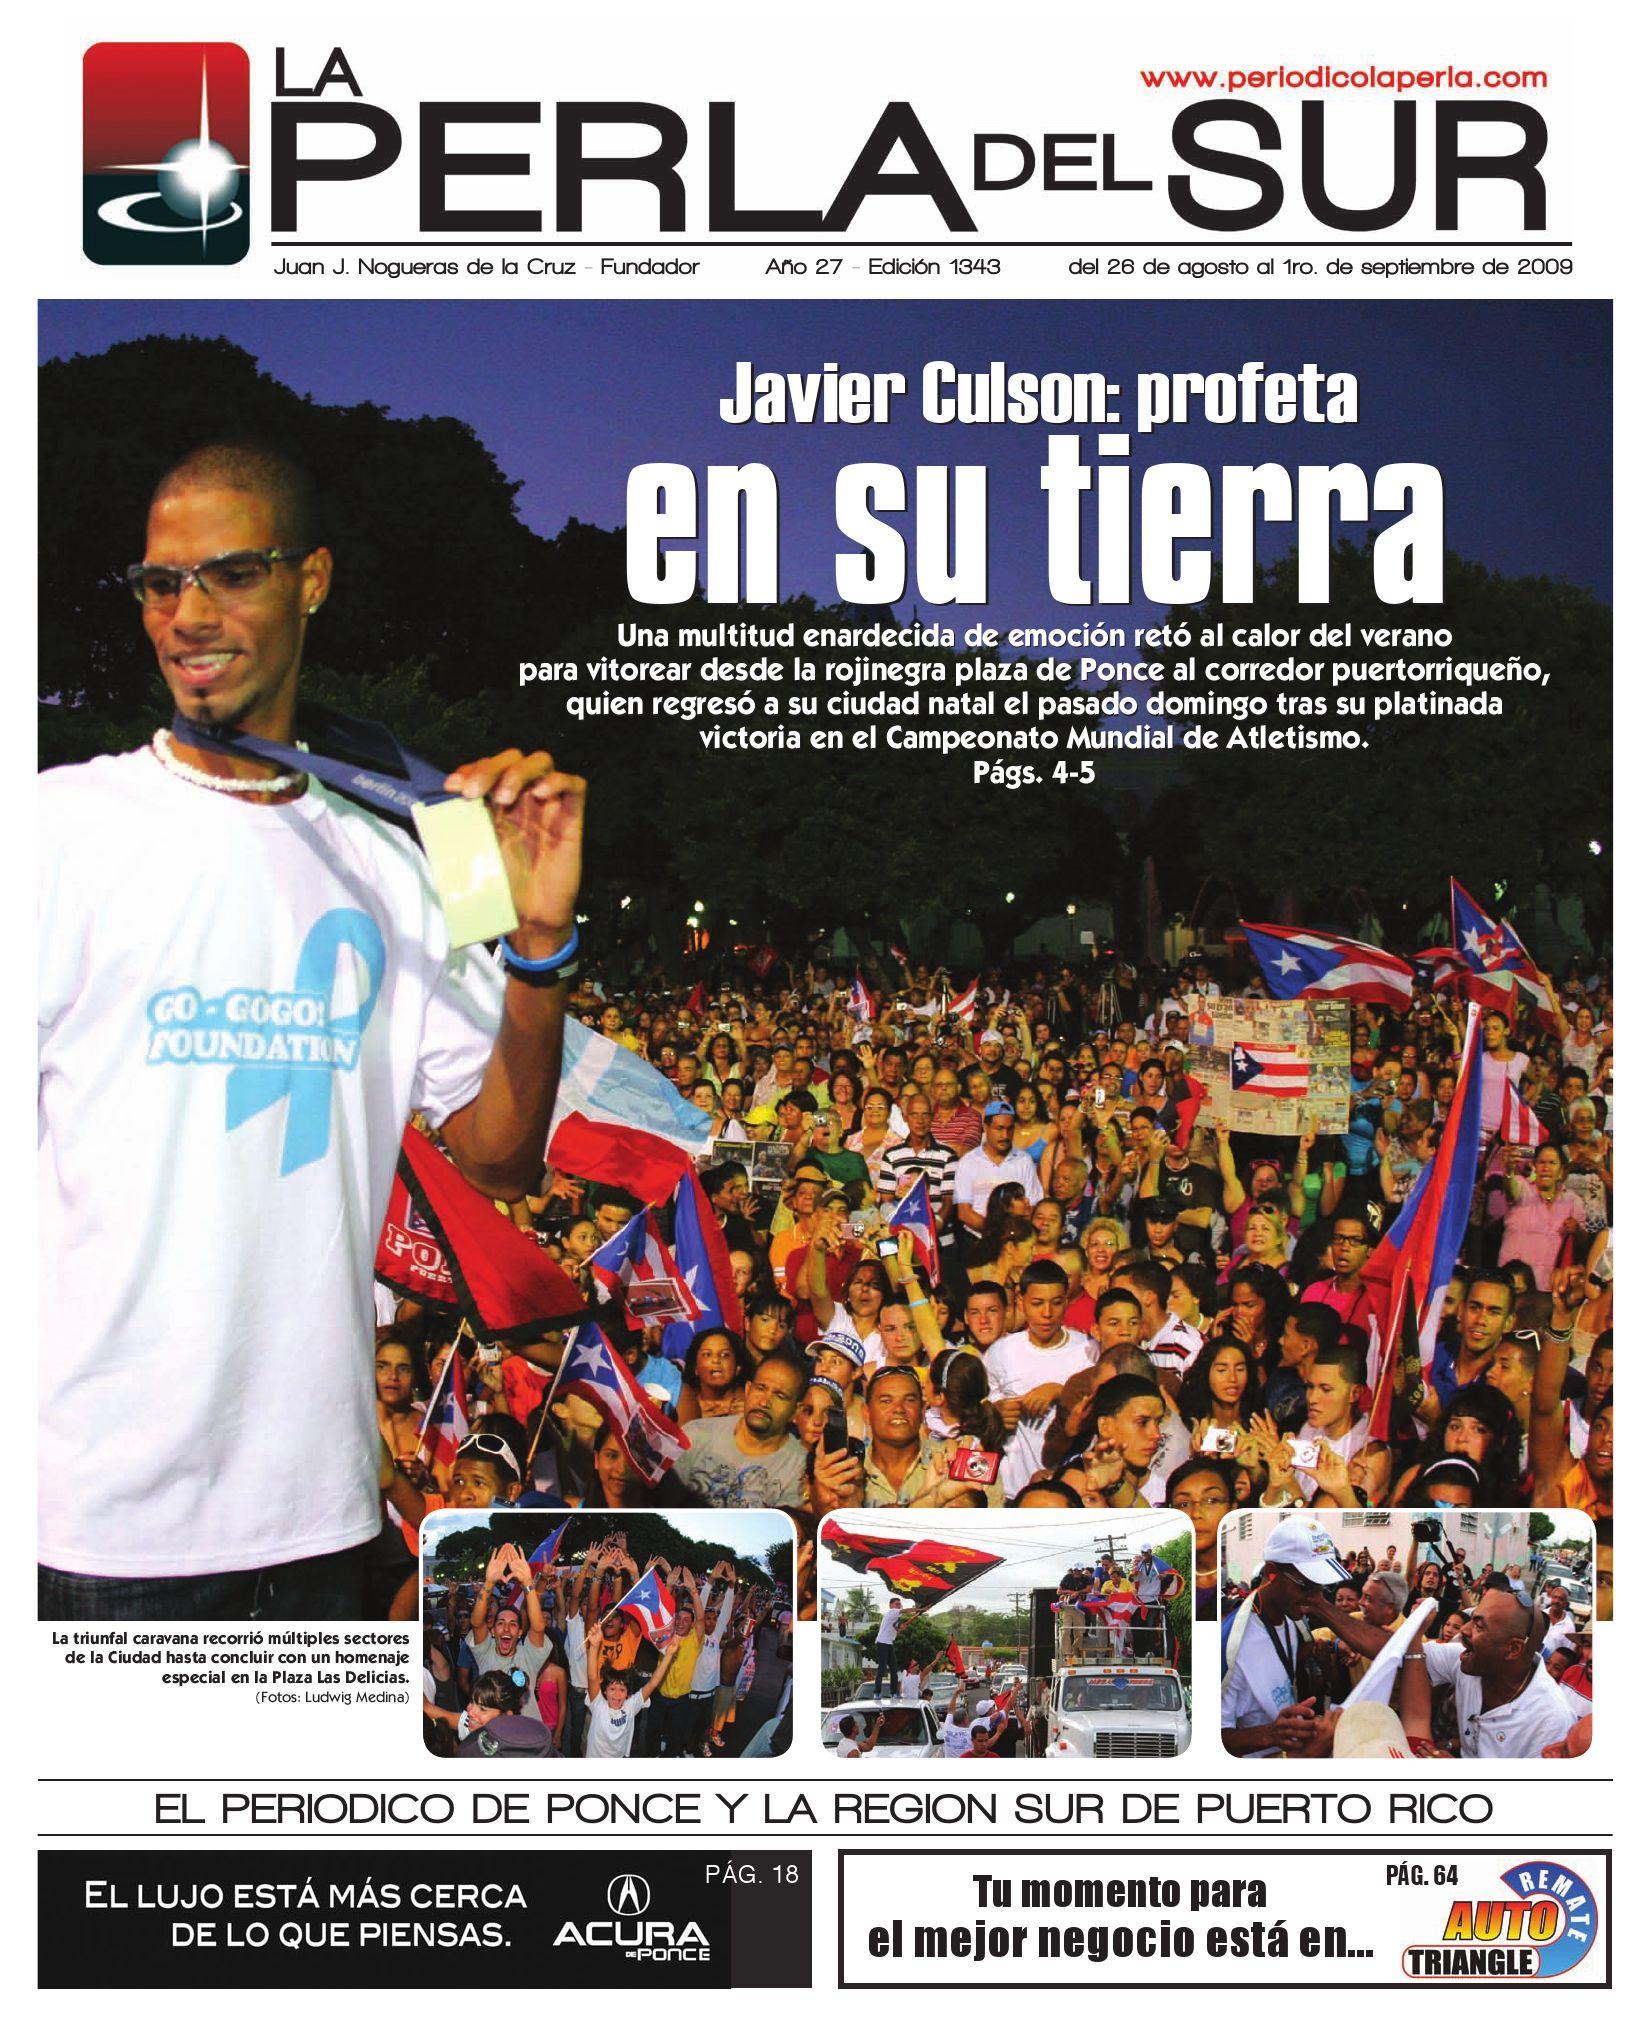 Edicion 1343 by Periódico La Perla Del Sur - issuu fc7886395e5ab